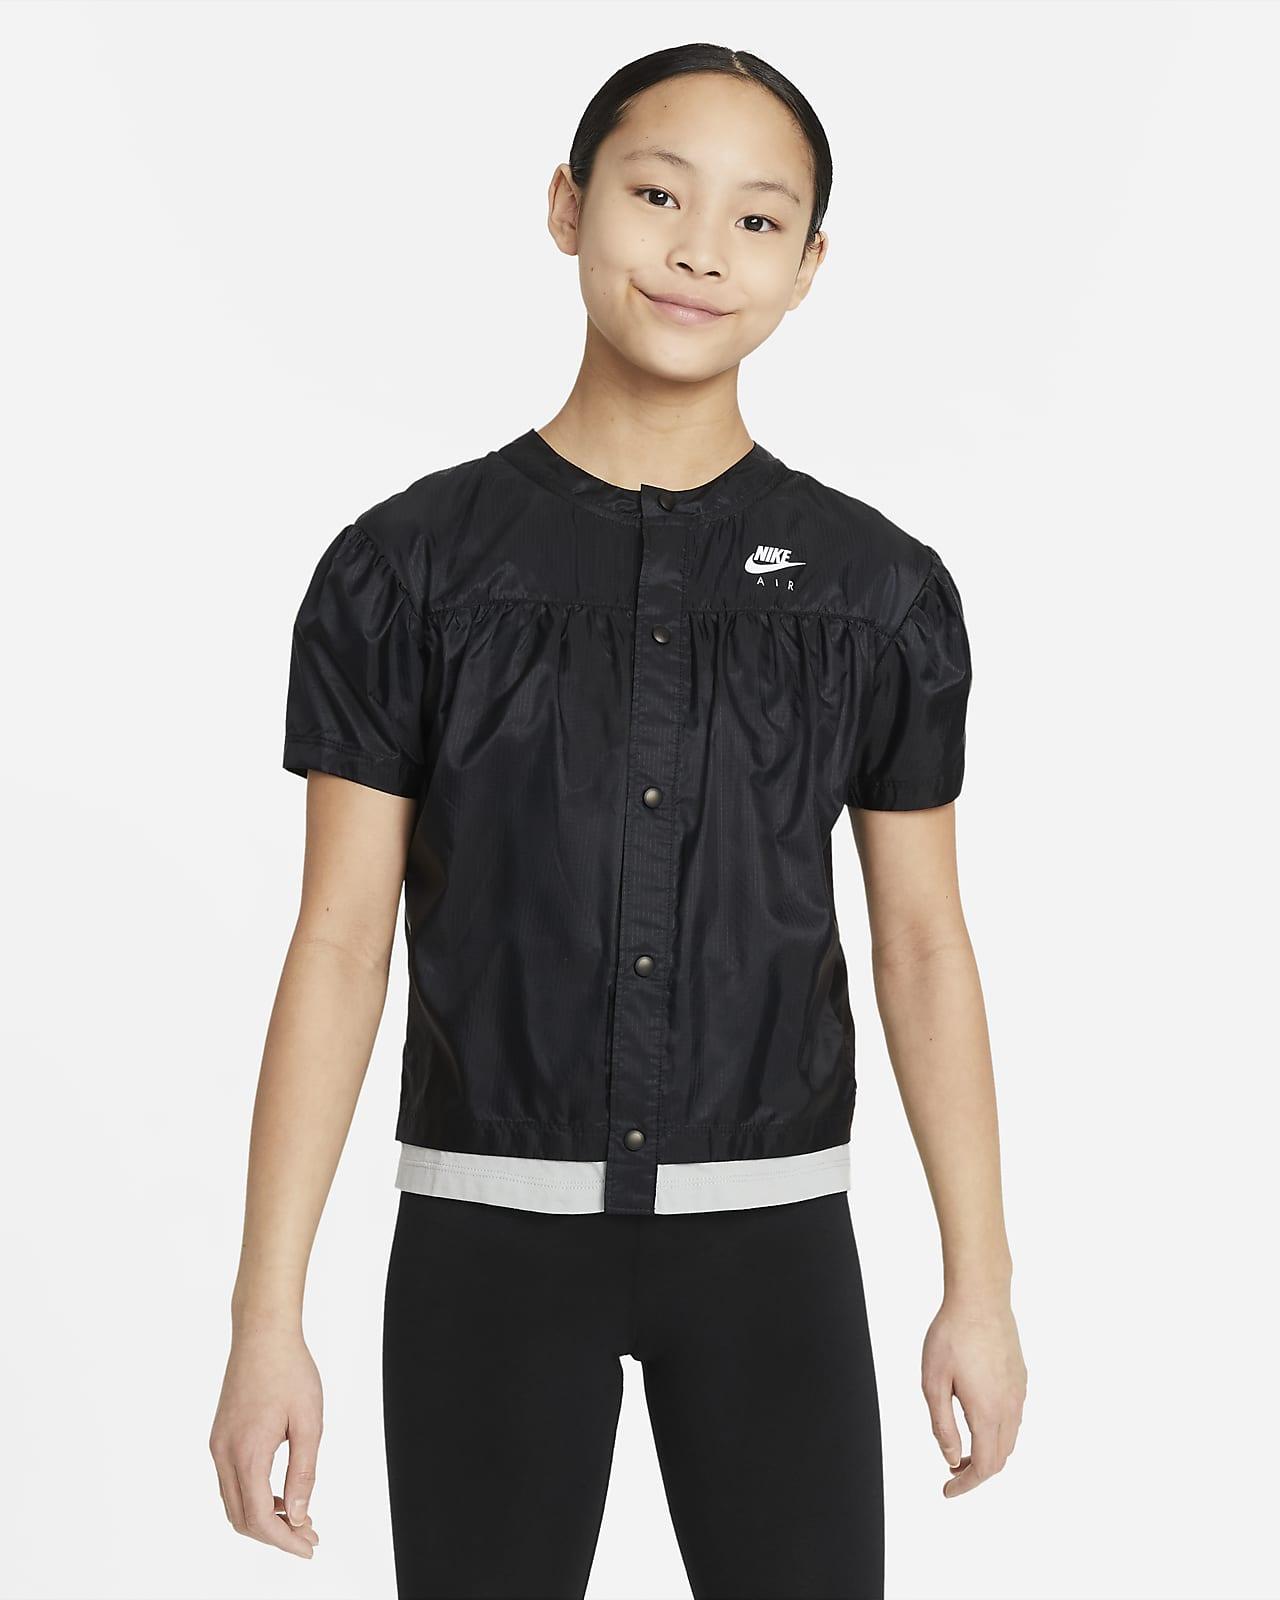 เสื้อแขนสั้นแบบทอเด็กโต Nike Air (หญิง)